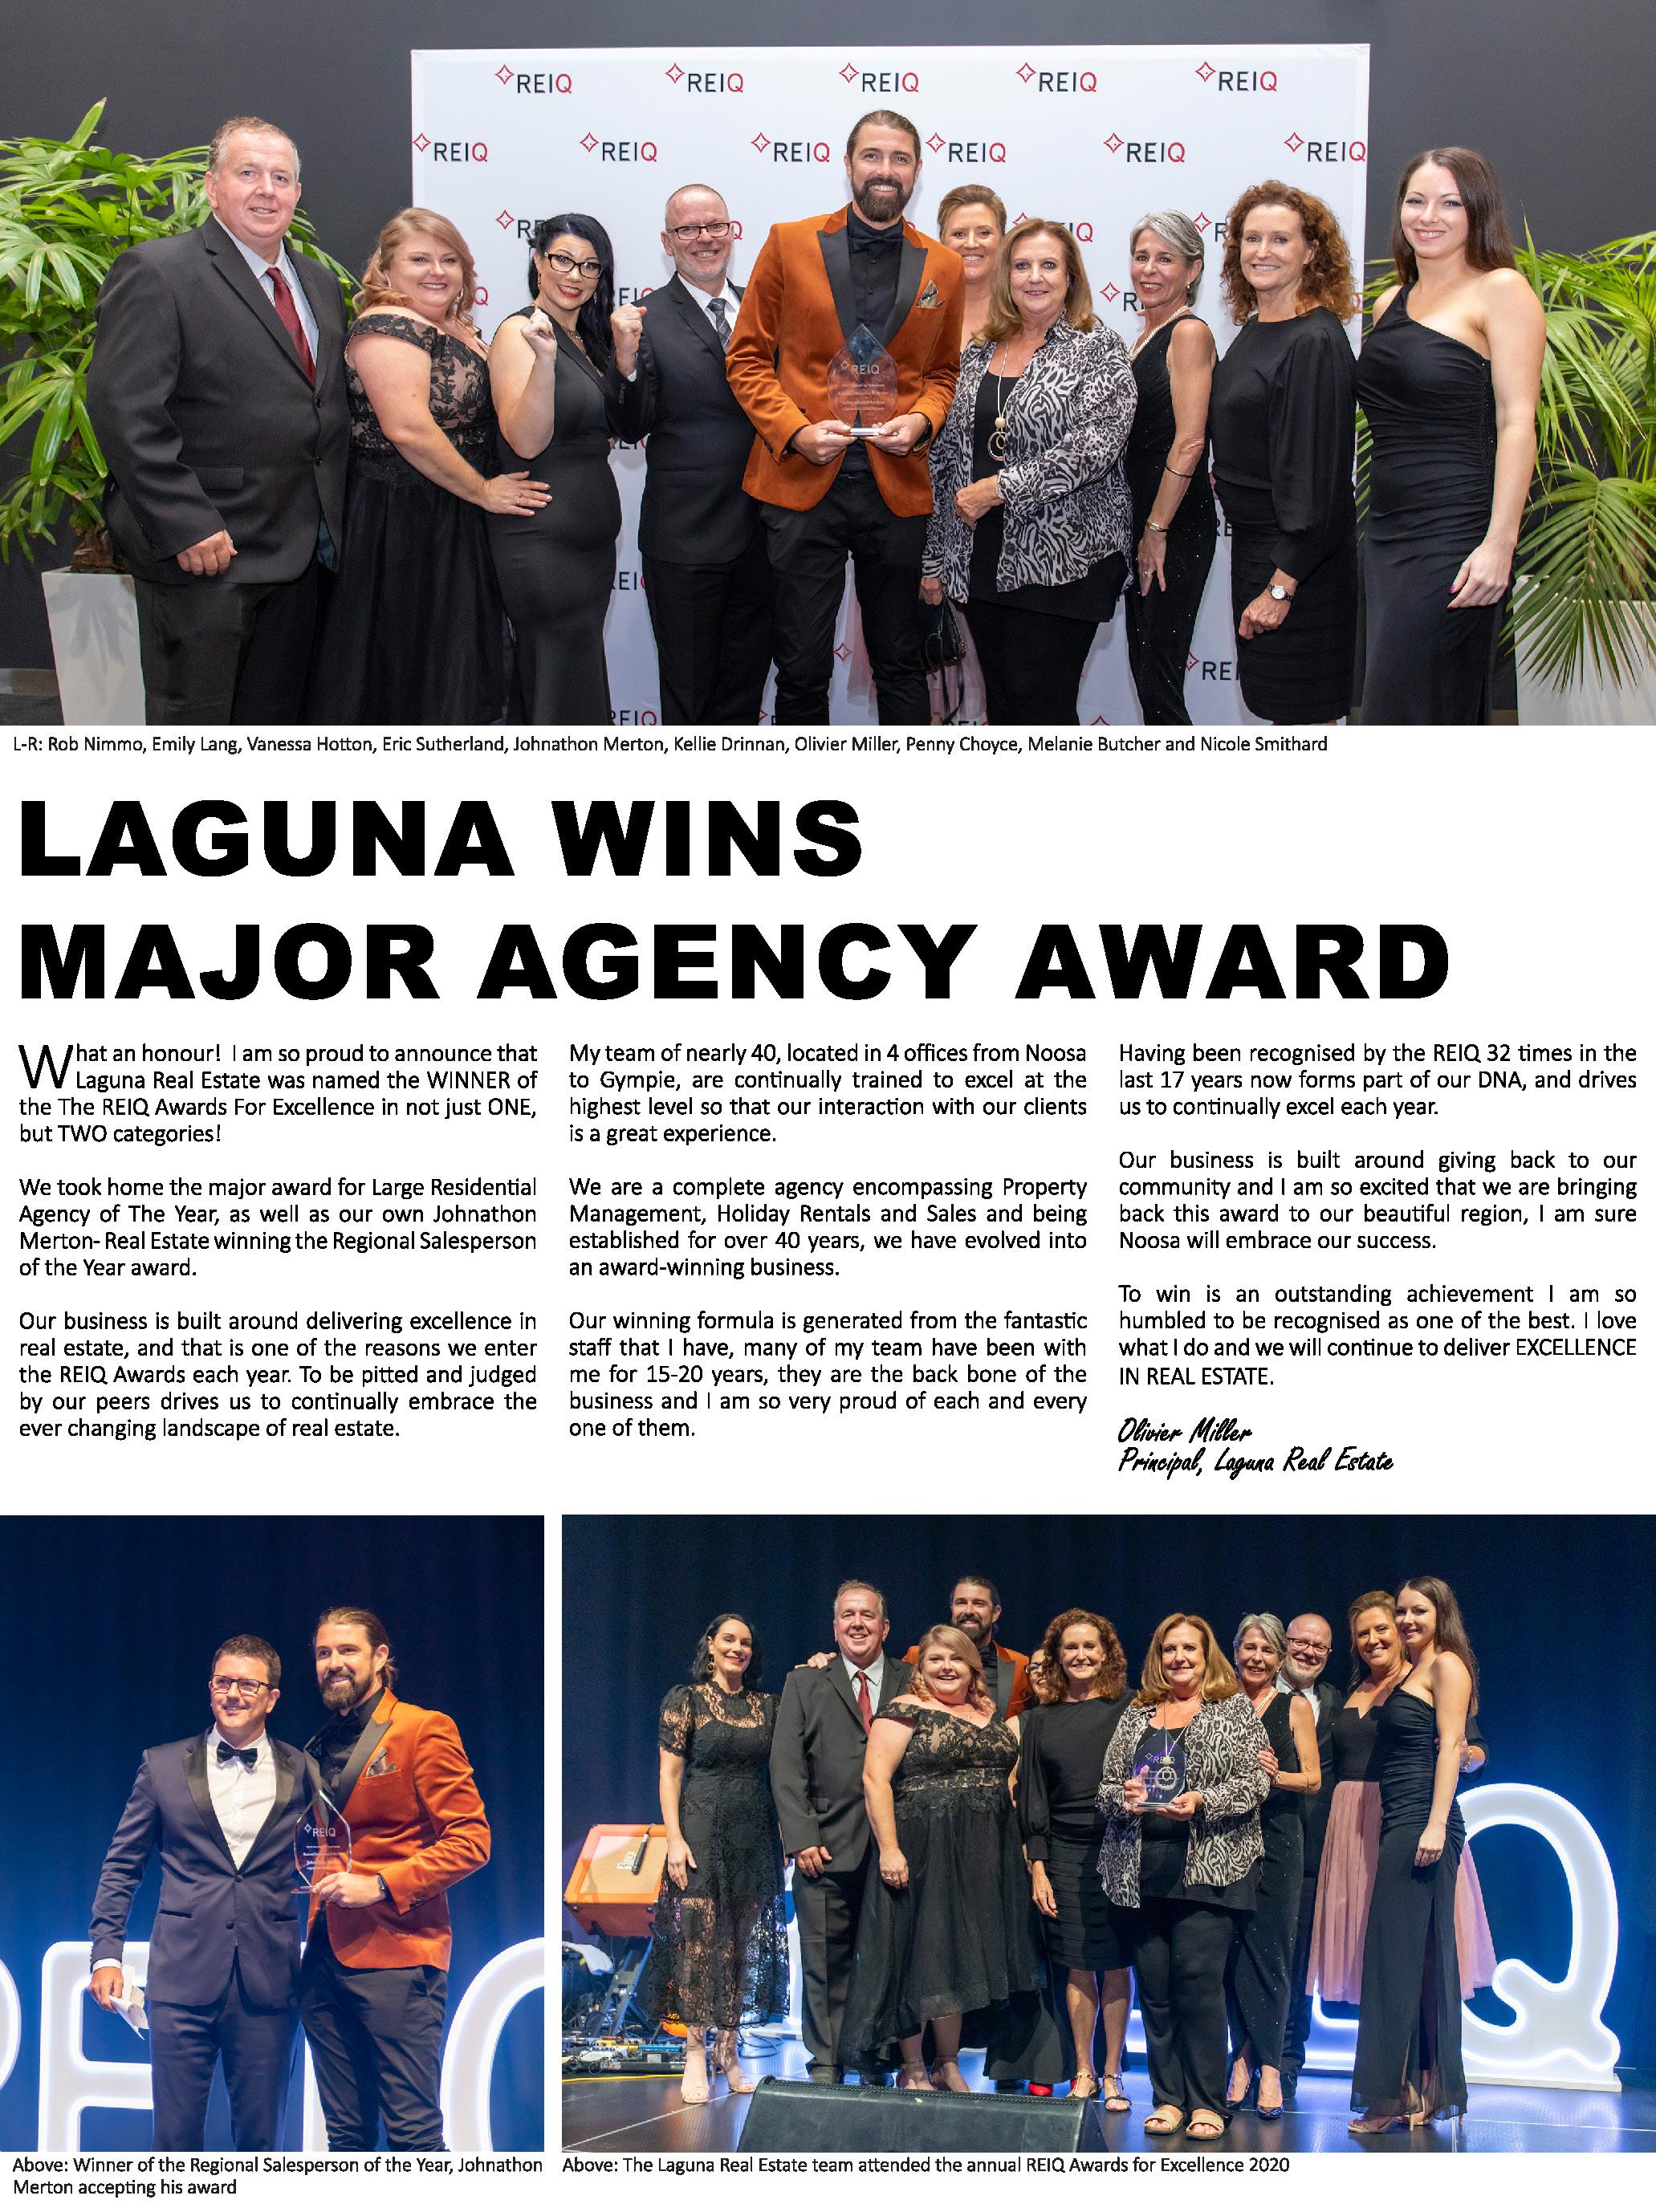 https://assets.boxdice.com.au/laguna/attachments/223/f9b/reiq_awards_promo_tuesday_240320_headers.jpg?68023a1cb1a0b46a87abcd75ab1d352a